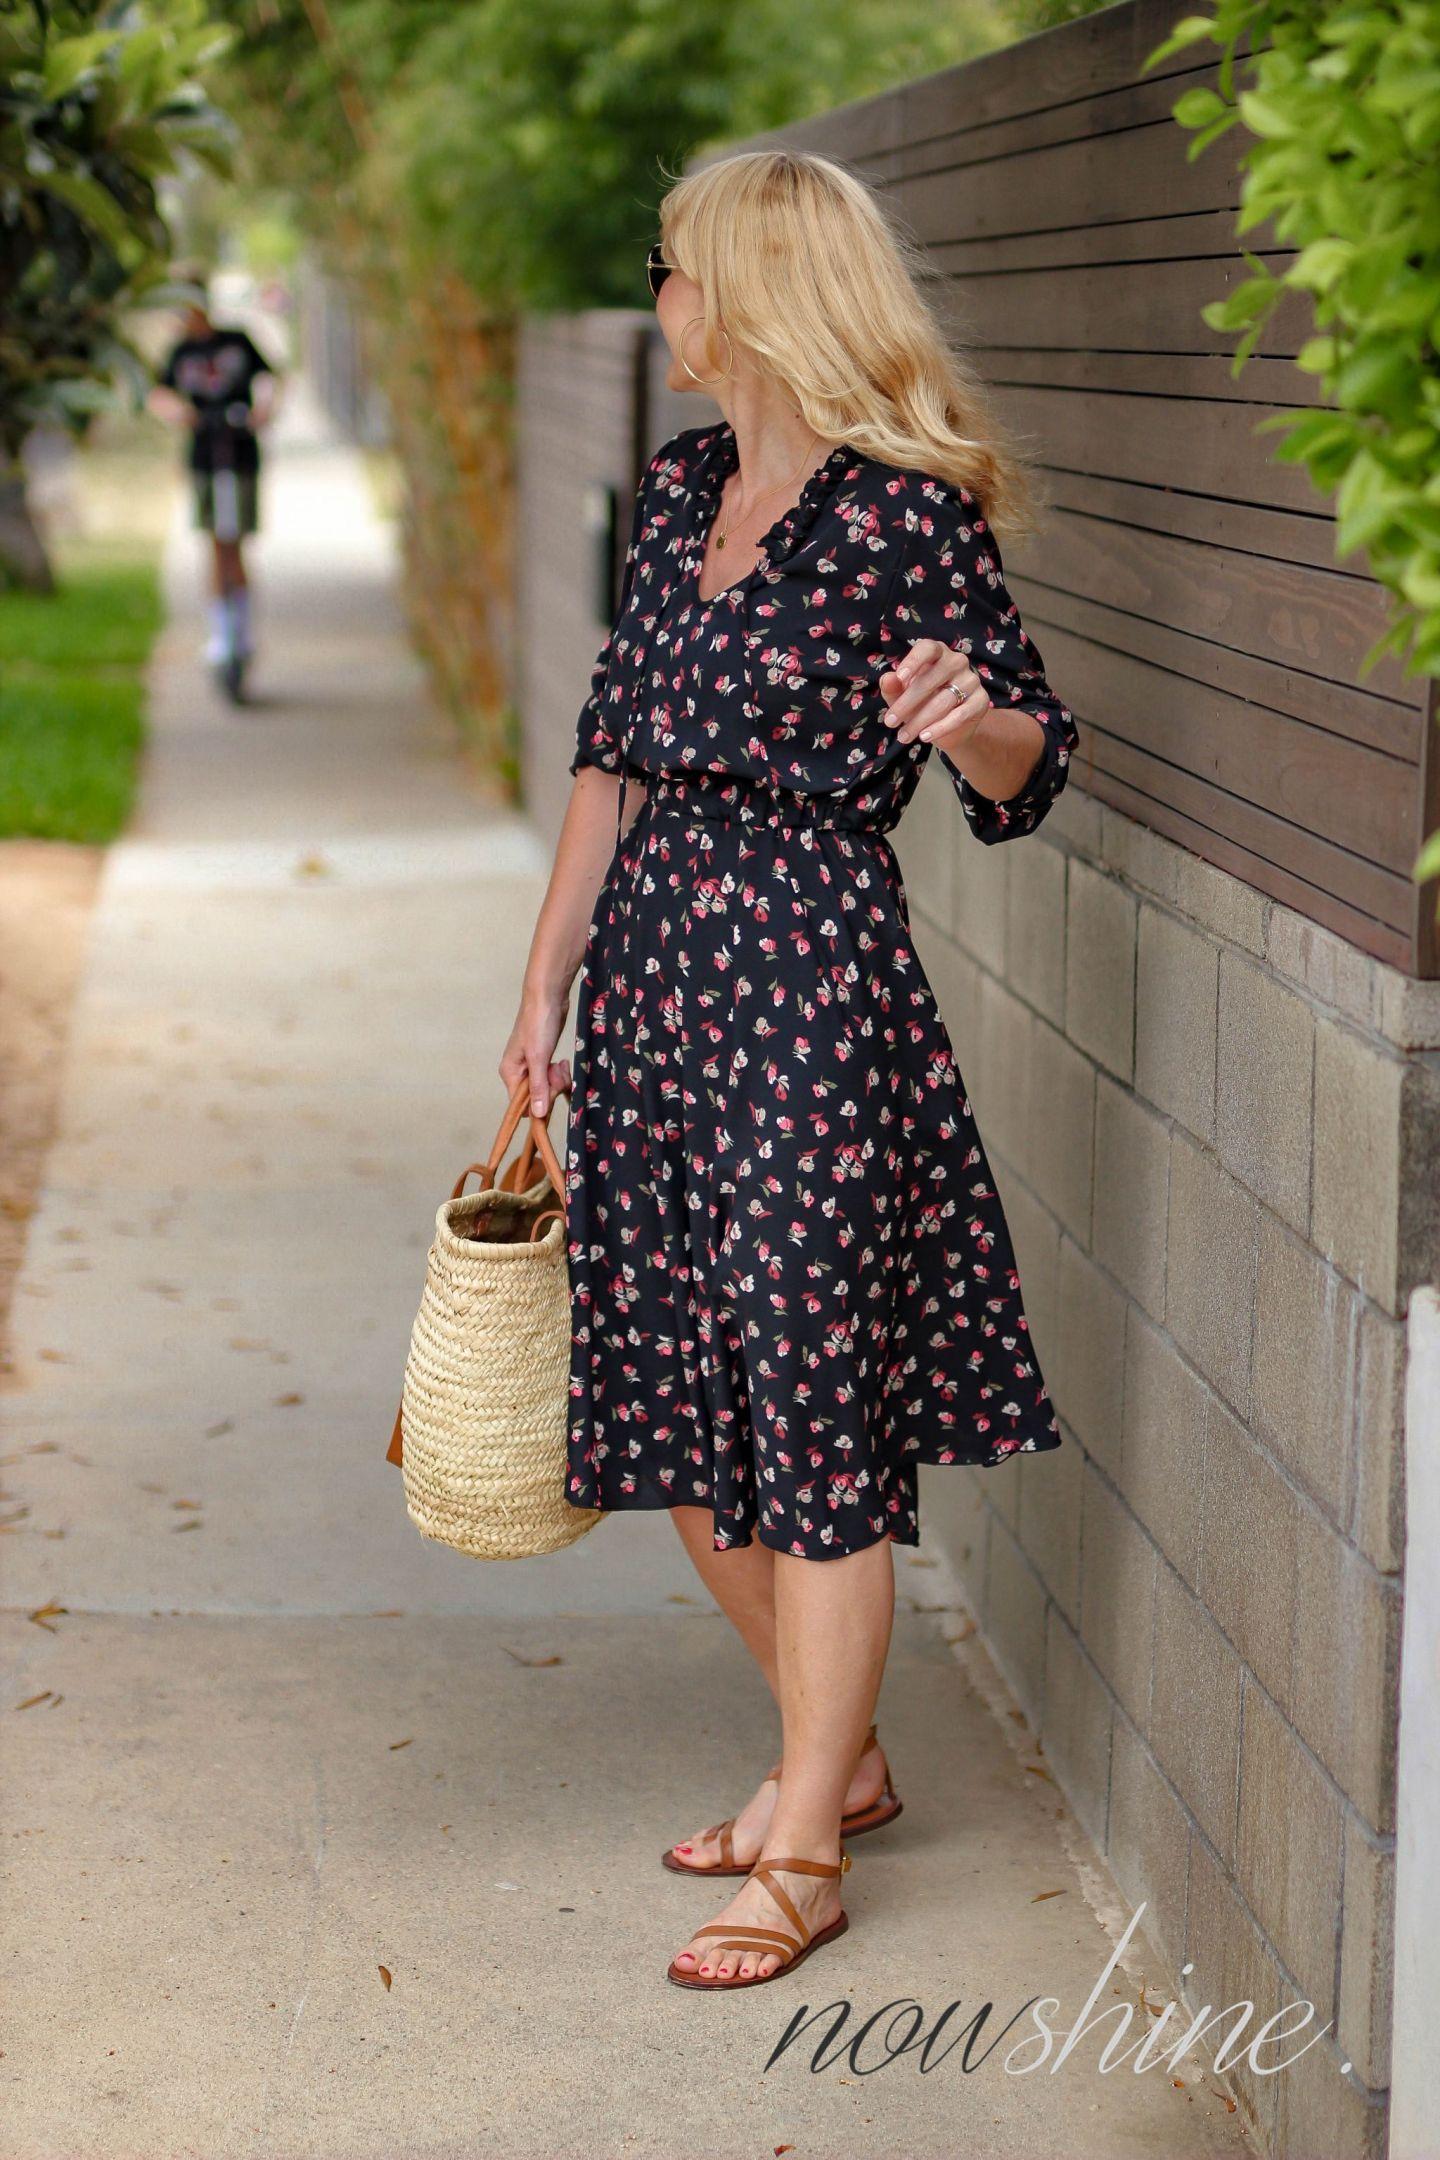 Aus dem WENZ Katalog - Kleid mit Blumen in Venice Los Angeles - Bird Scooter - - Nowshine ü 40 Reiseblog